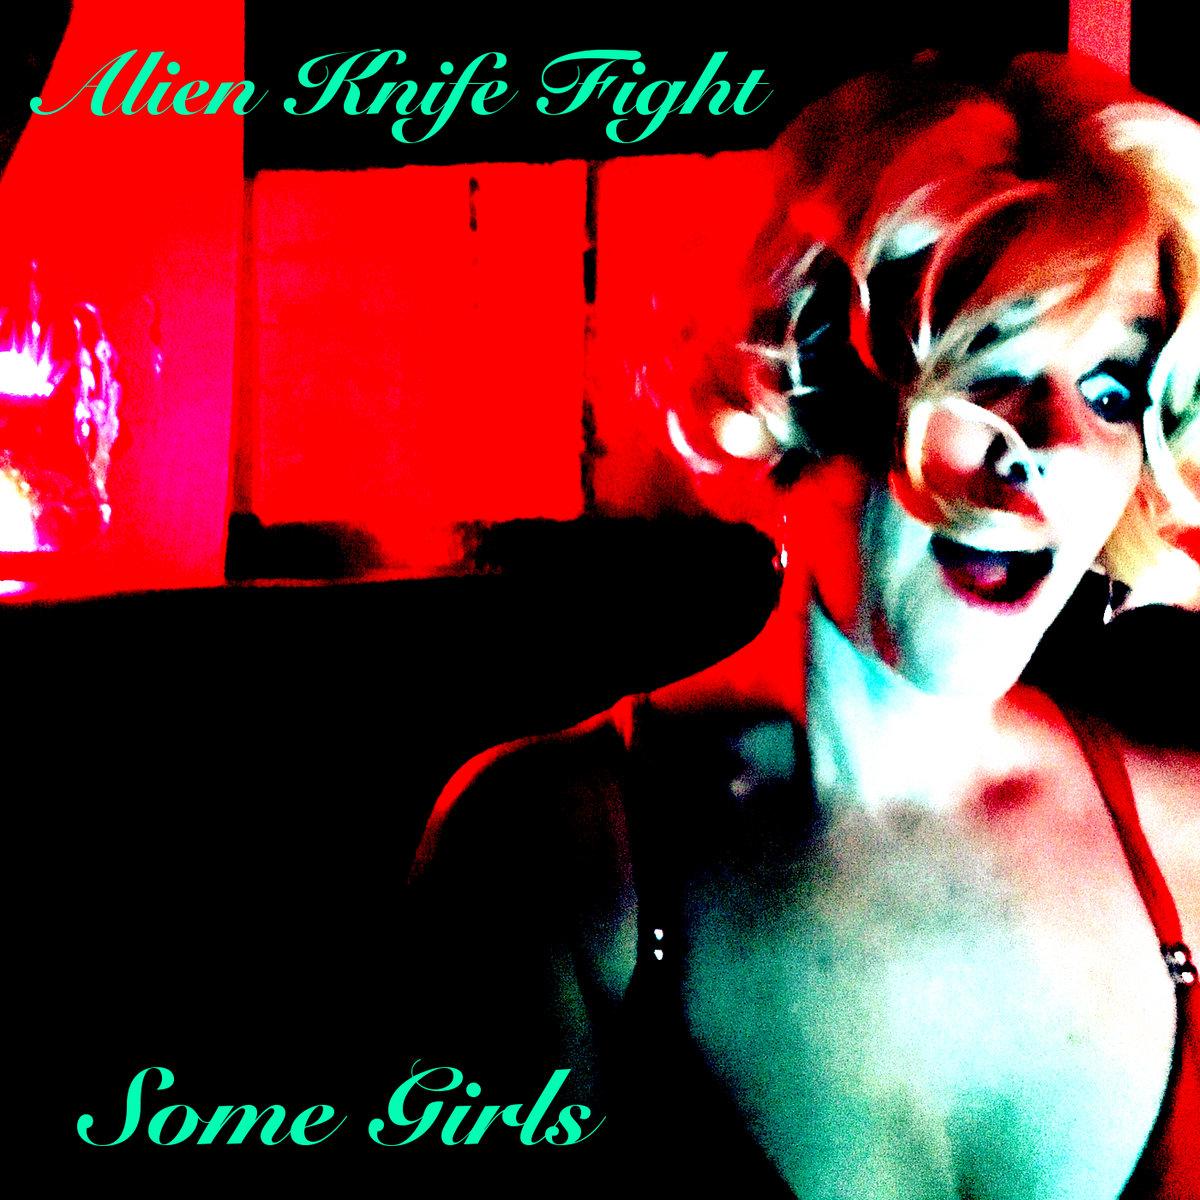 Some Girls Alien Knife Fight